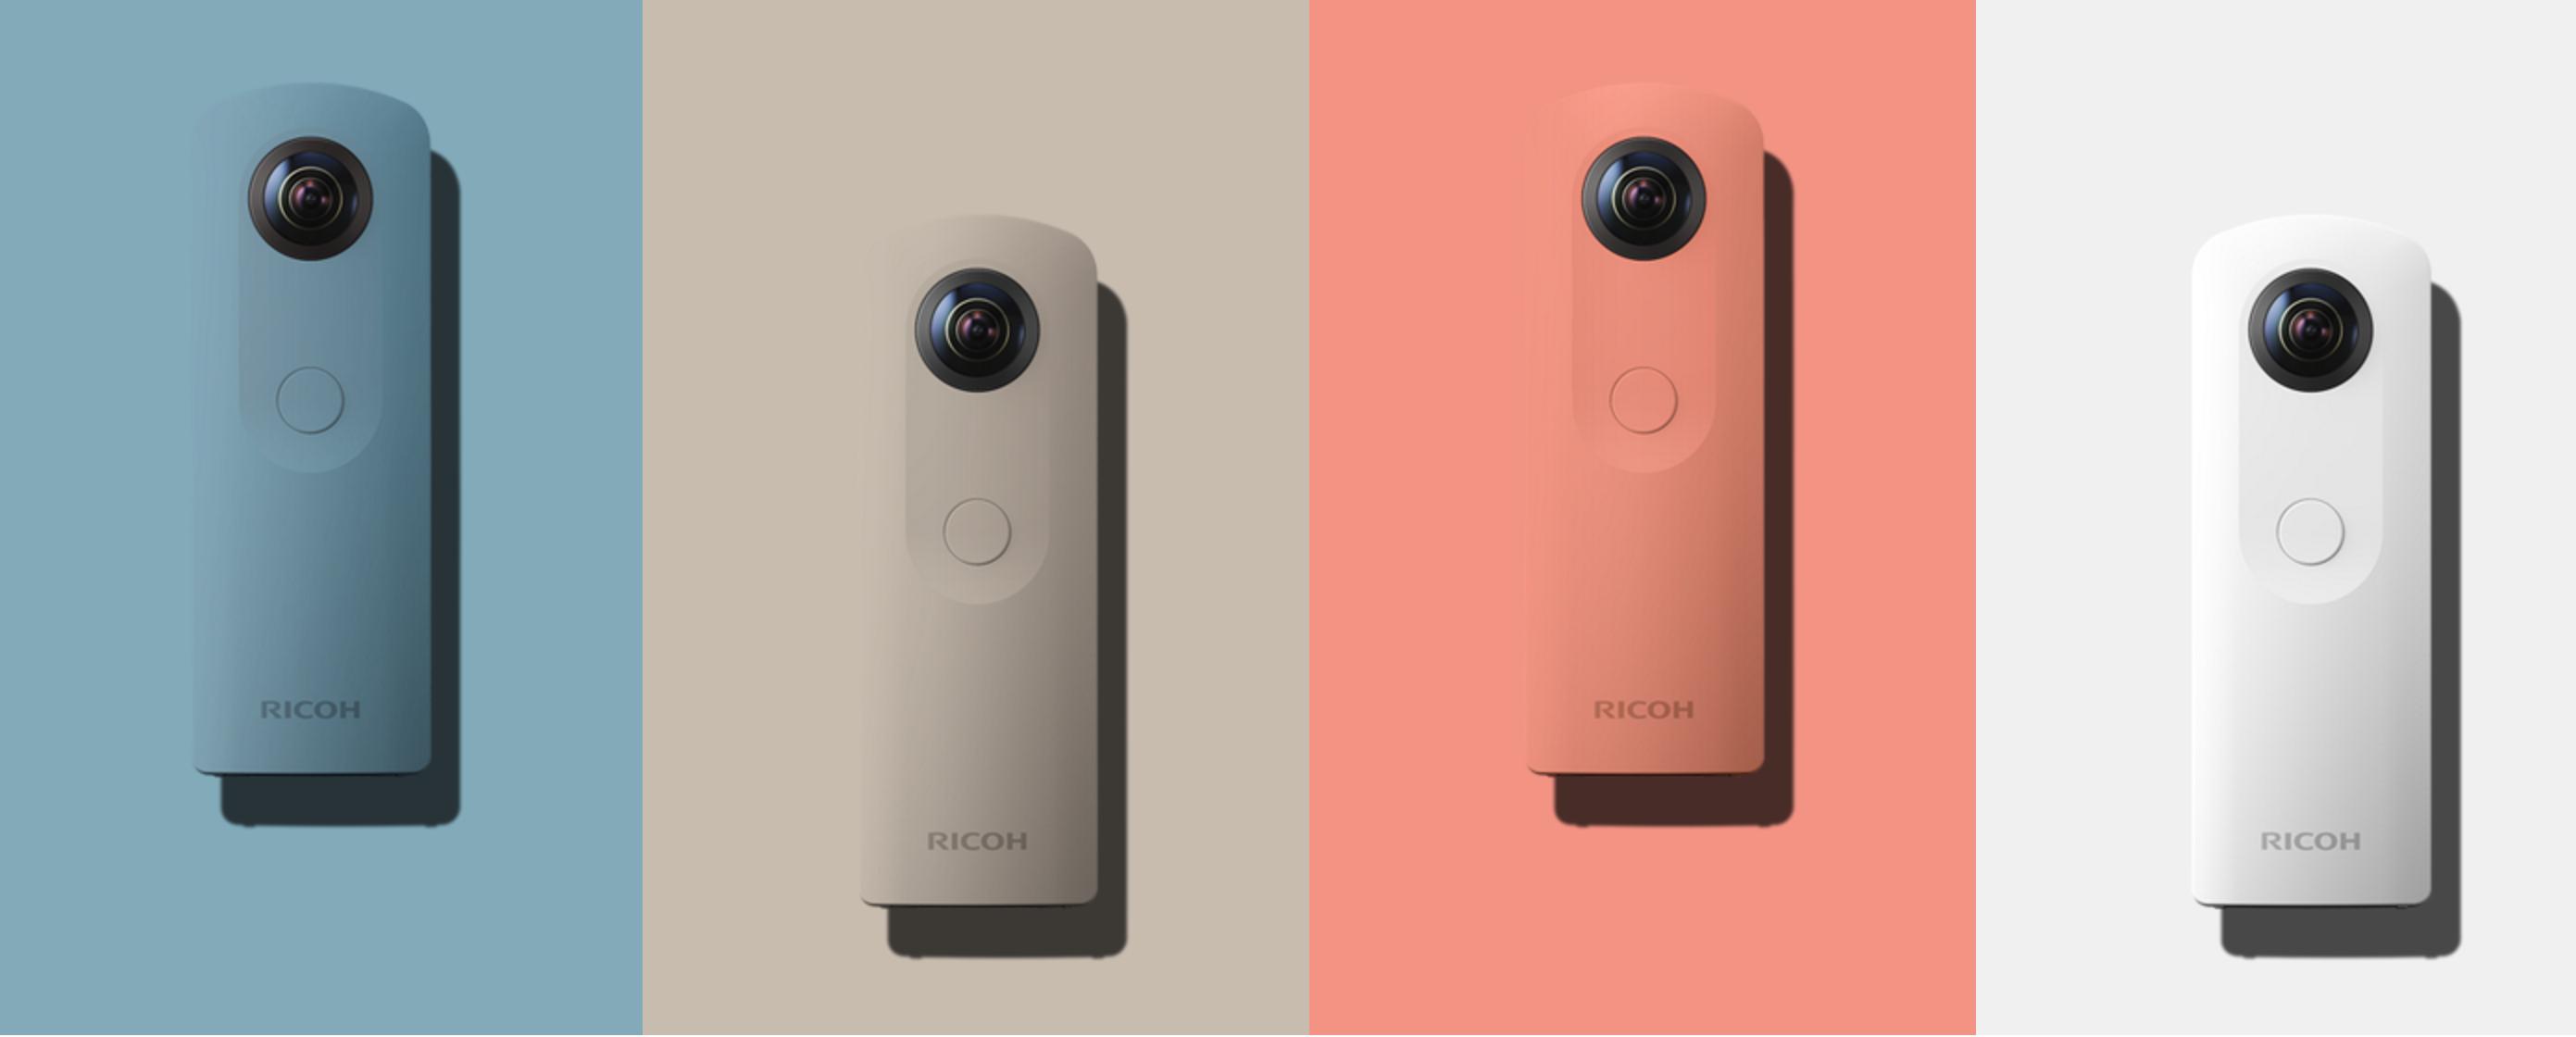 RICOHが360度カメラの新モデル「THETA SC」を10/28に発売!価格や性能を紹介